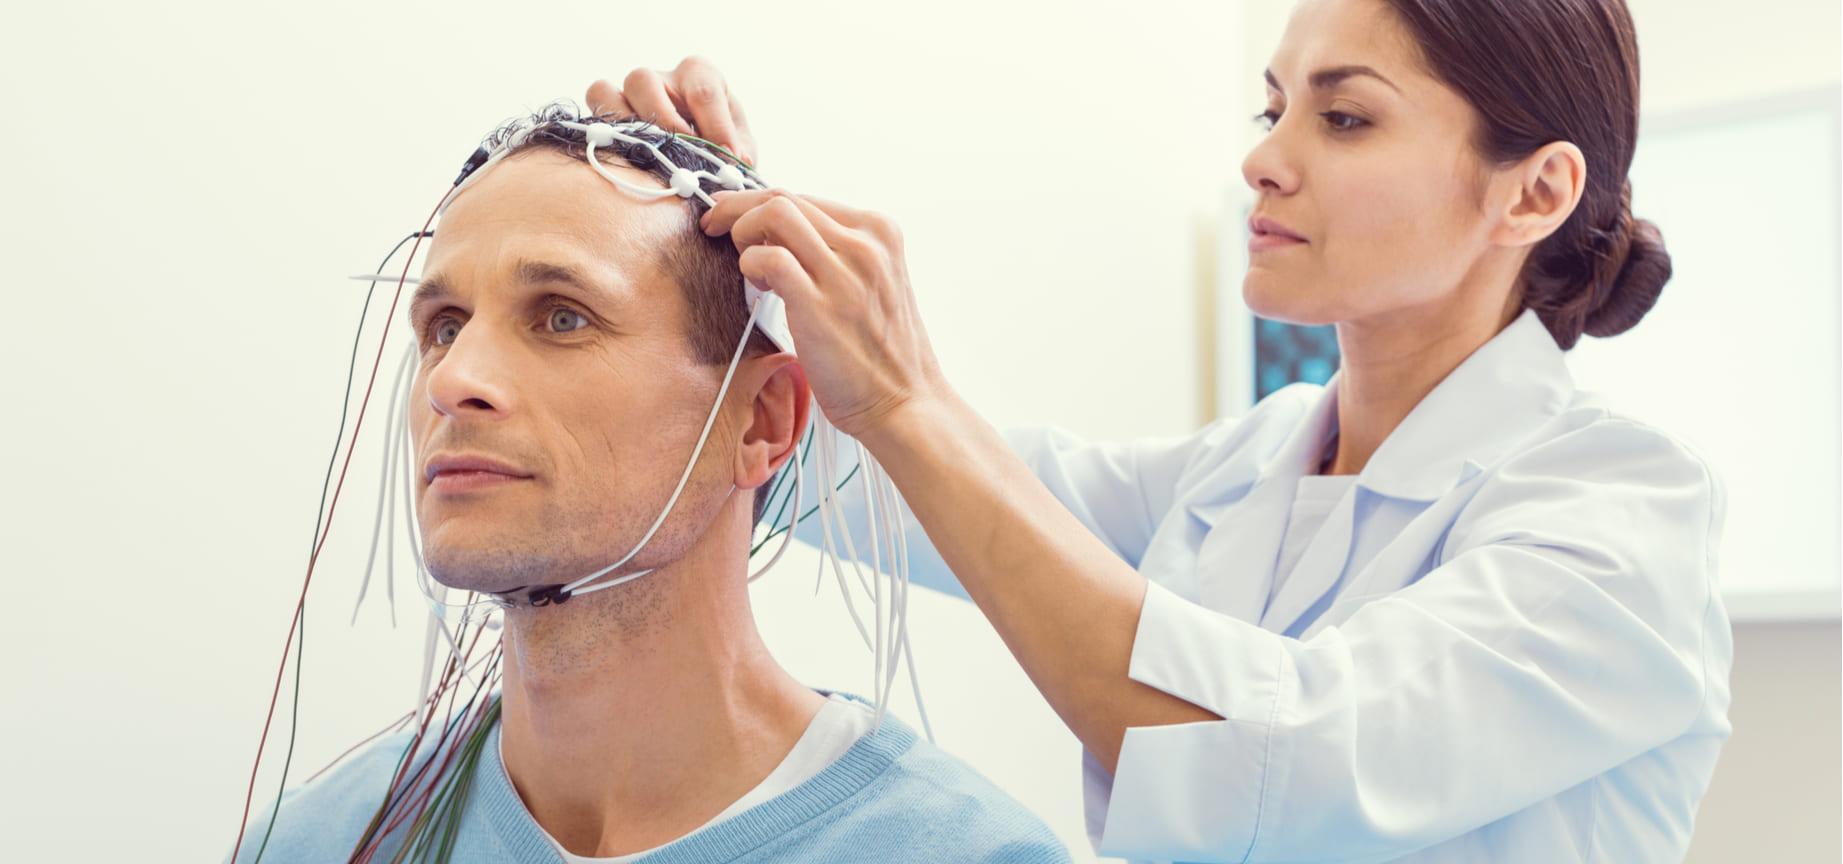 Exceso de hierro a causa de transfusiones sanguíneas causaría problemas cerebrales